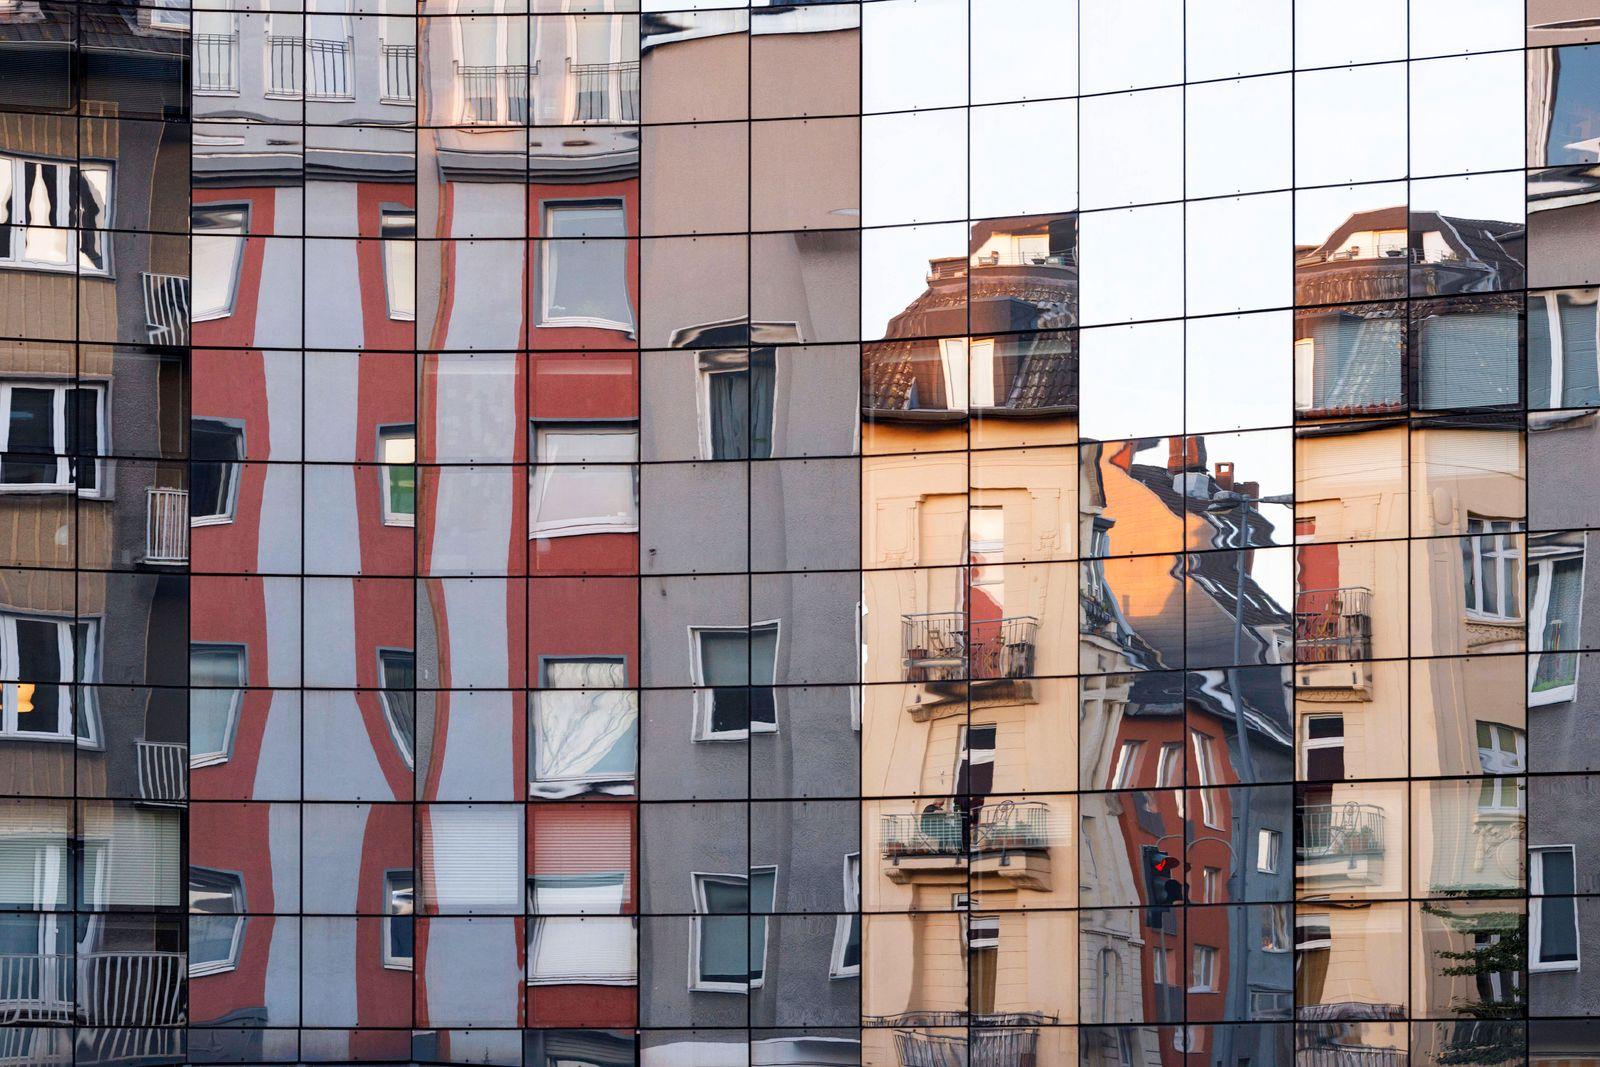 Wohnhäuser in der Kölner Innenstadt spiegeln sich in einer Glasfassade. Köln, 29.07.2020 *** Residential buildings in Co